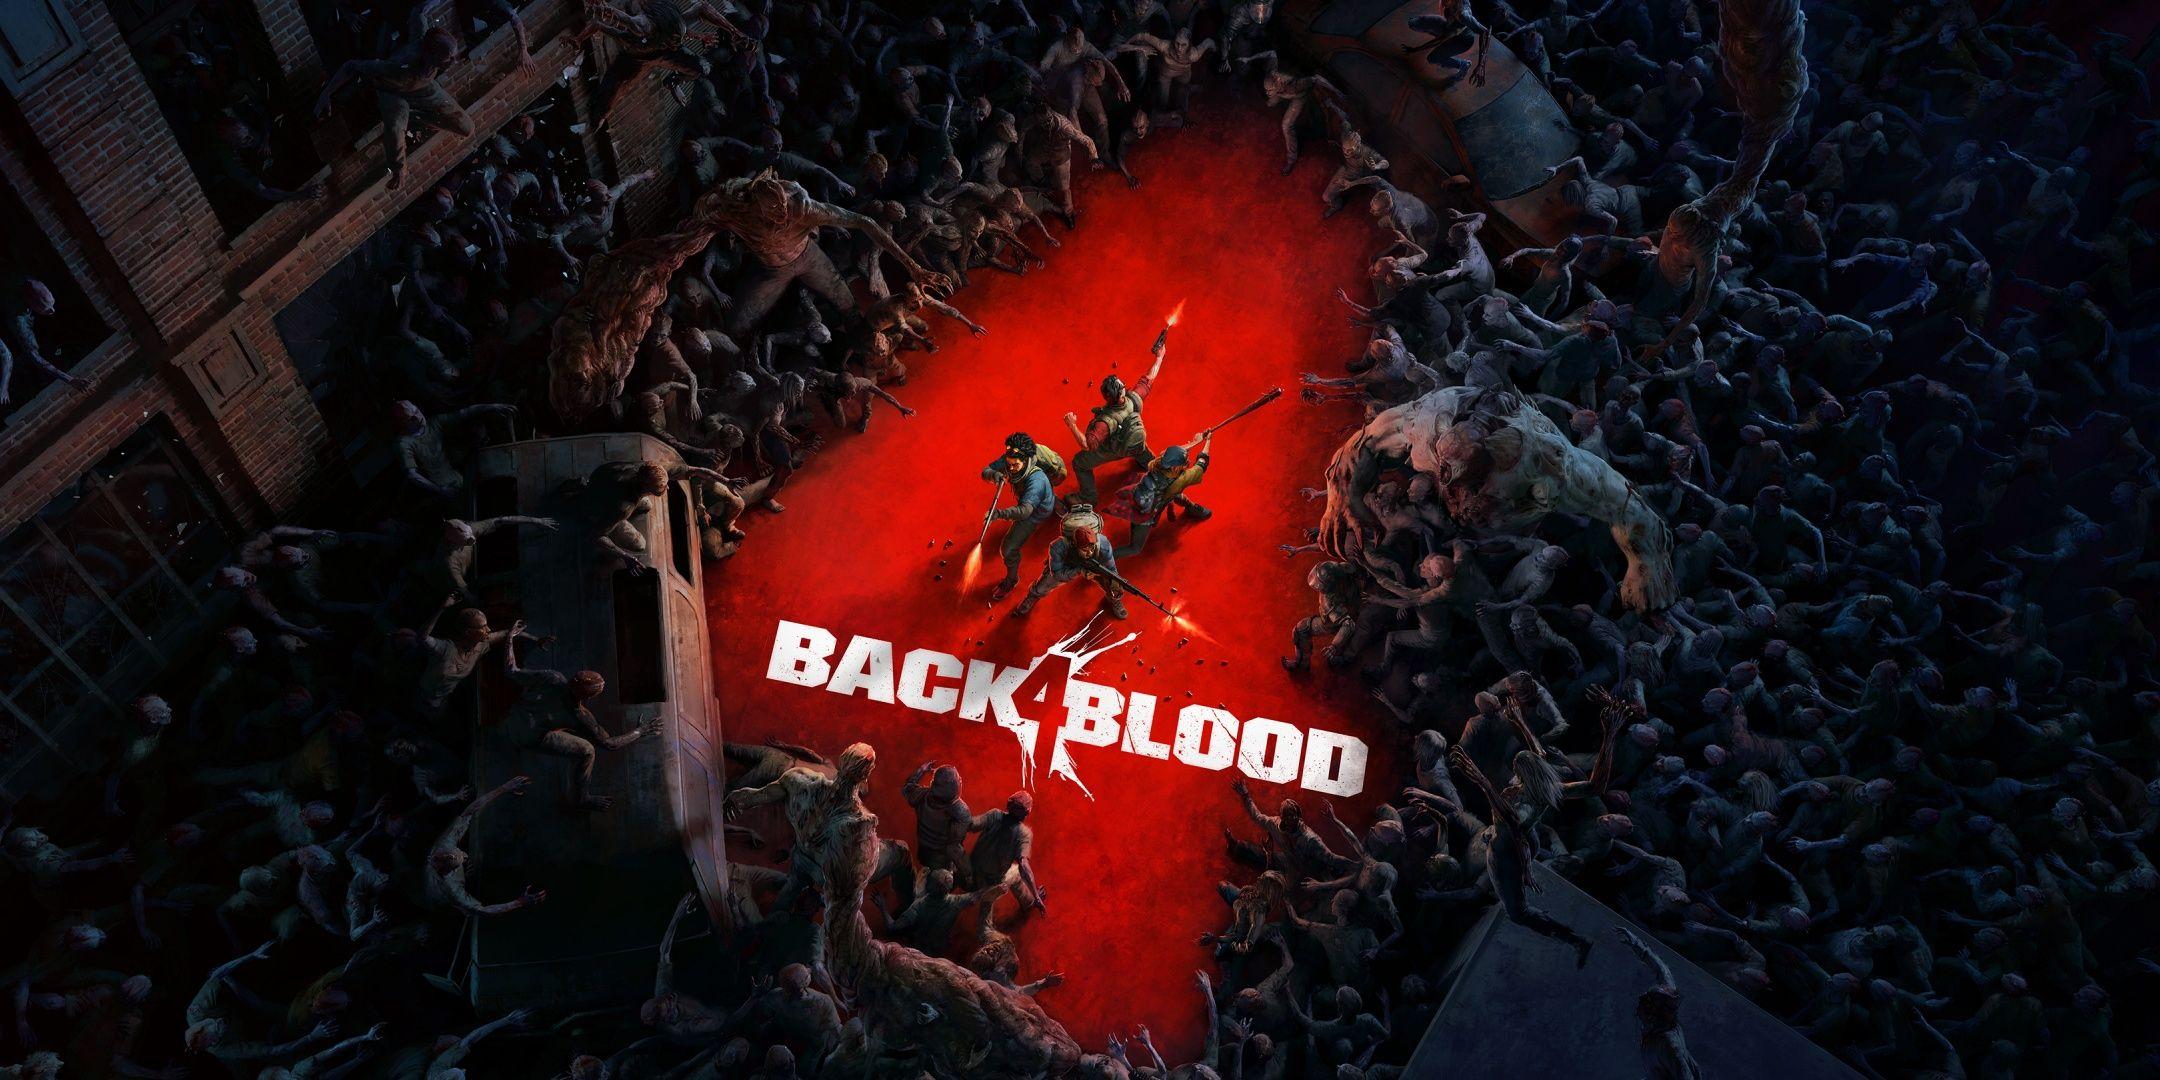 ¿Cuánto tiempo se tarda en Beat Back 4 Blood?